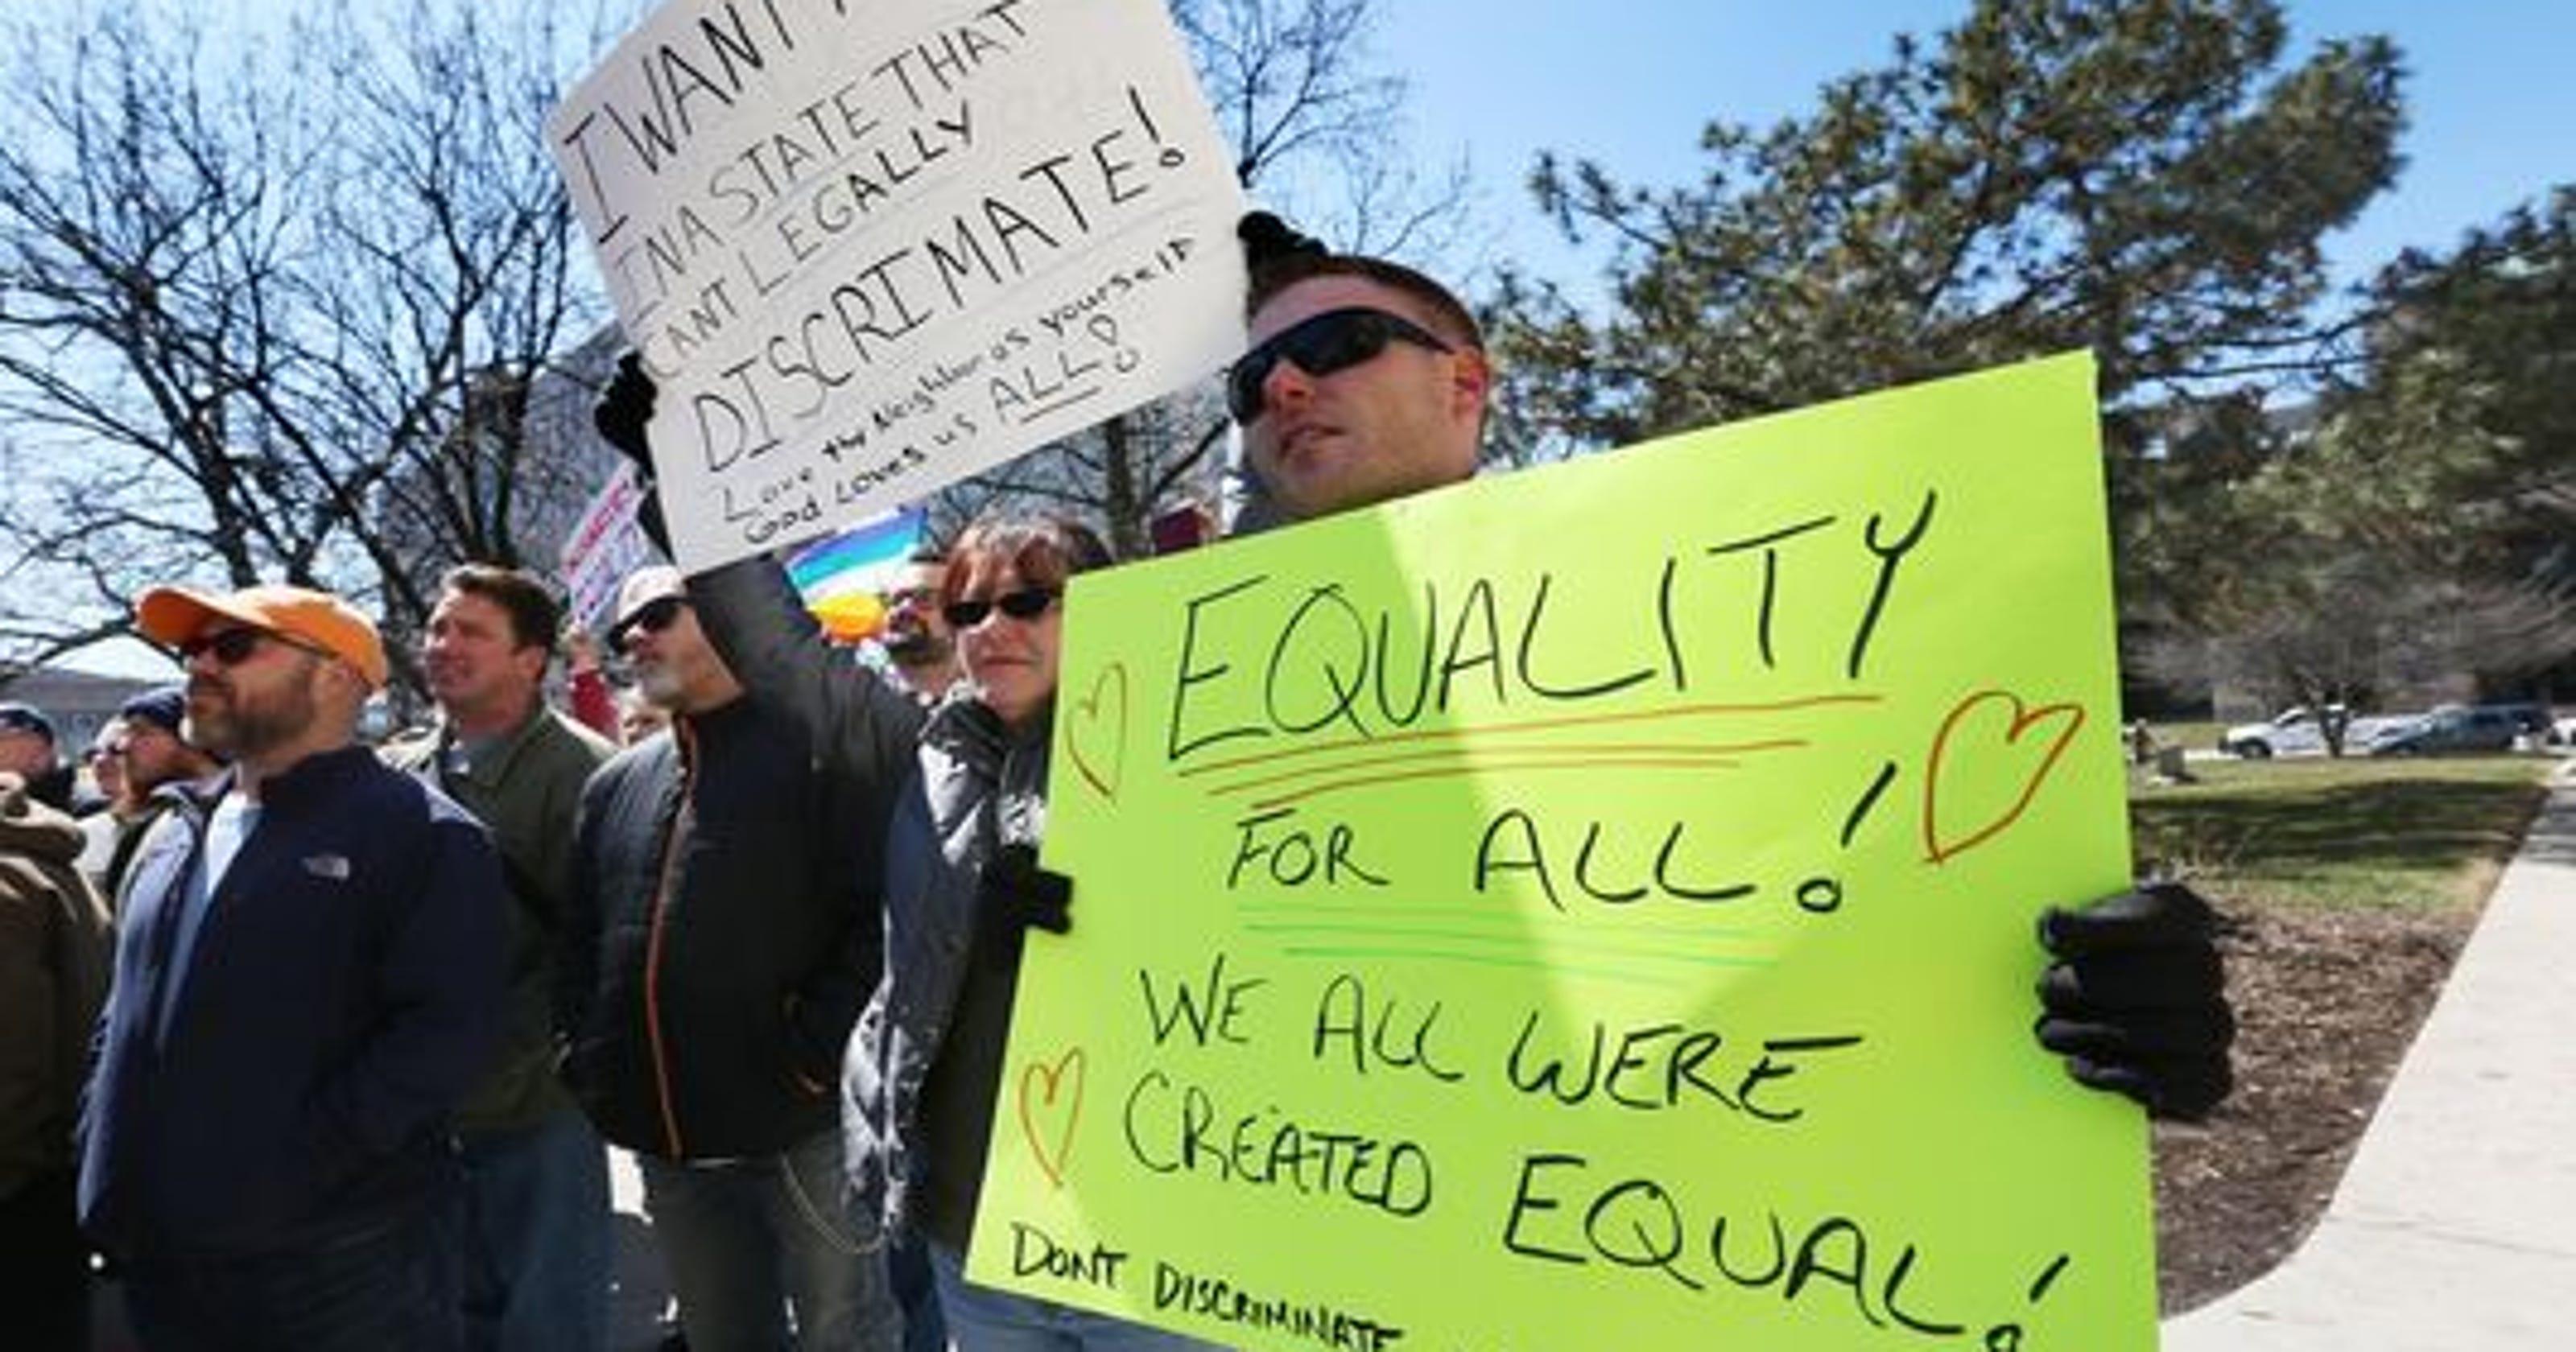 from Dario gay news group